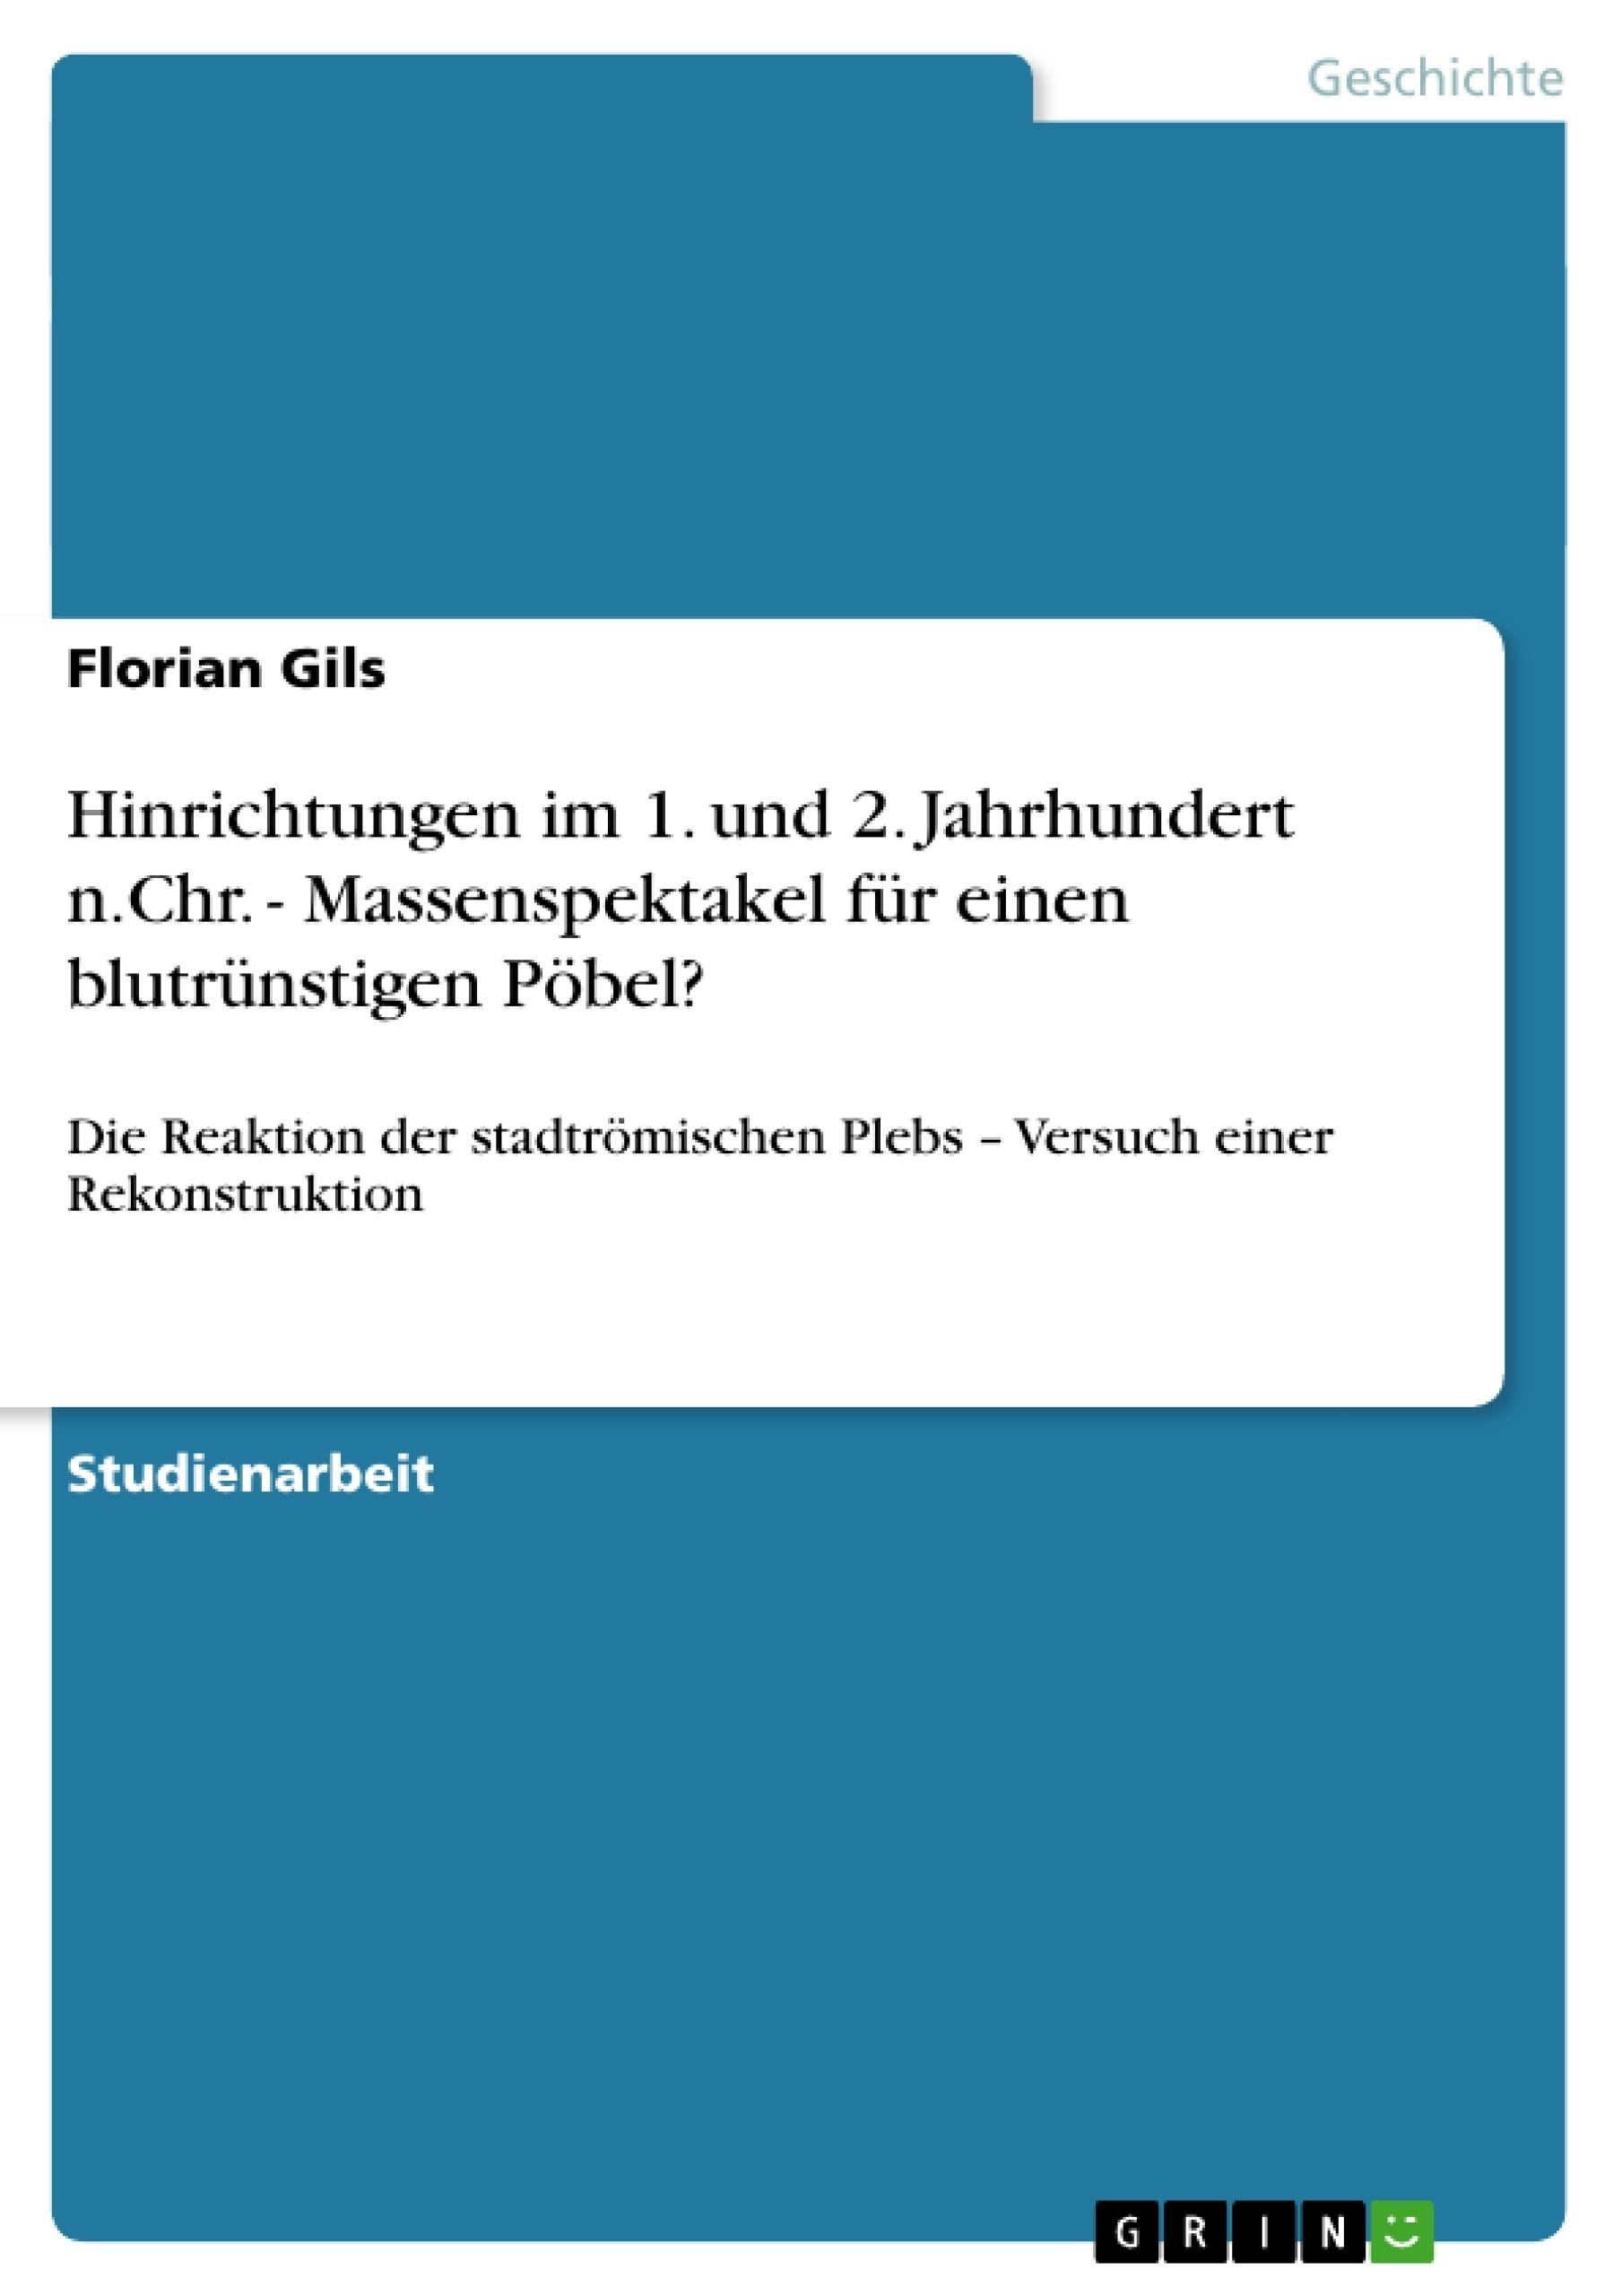 Titel: Hinrichtungen im 1. und 2. Jahrhundert n.Chr. - Massenspektakel für einen blutrünstigen Pöbel?